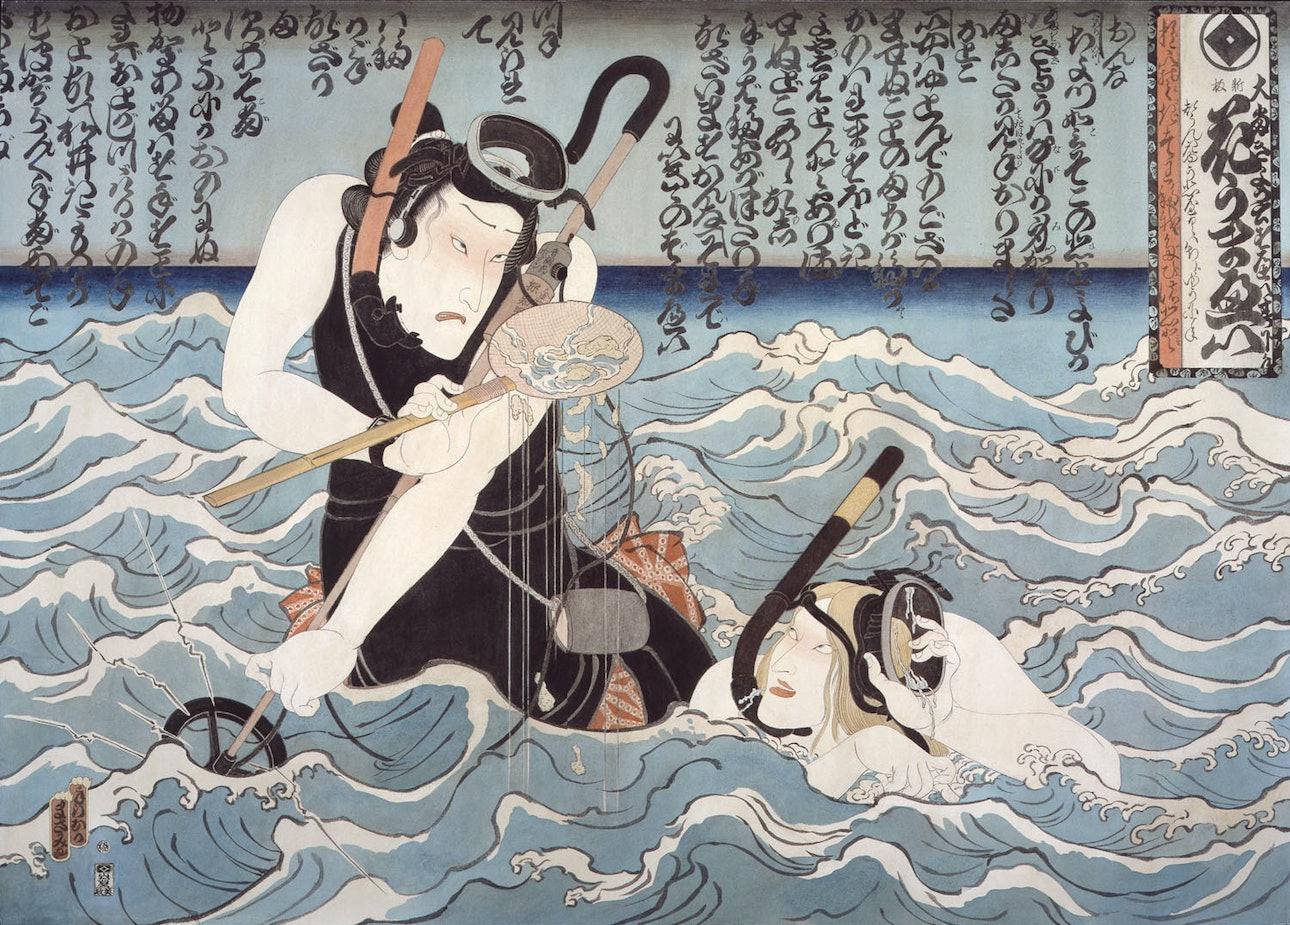 Teraoka_HBay_Ronin Samurai - 1982